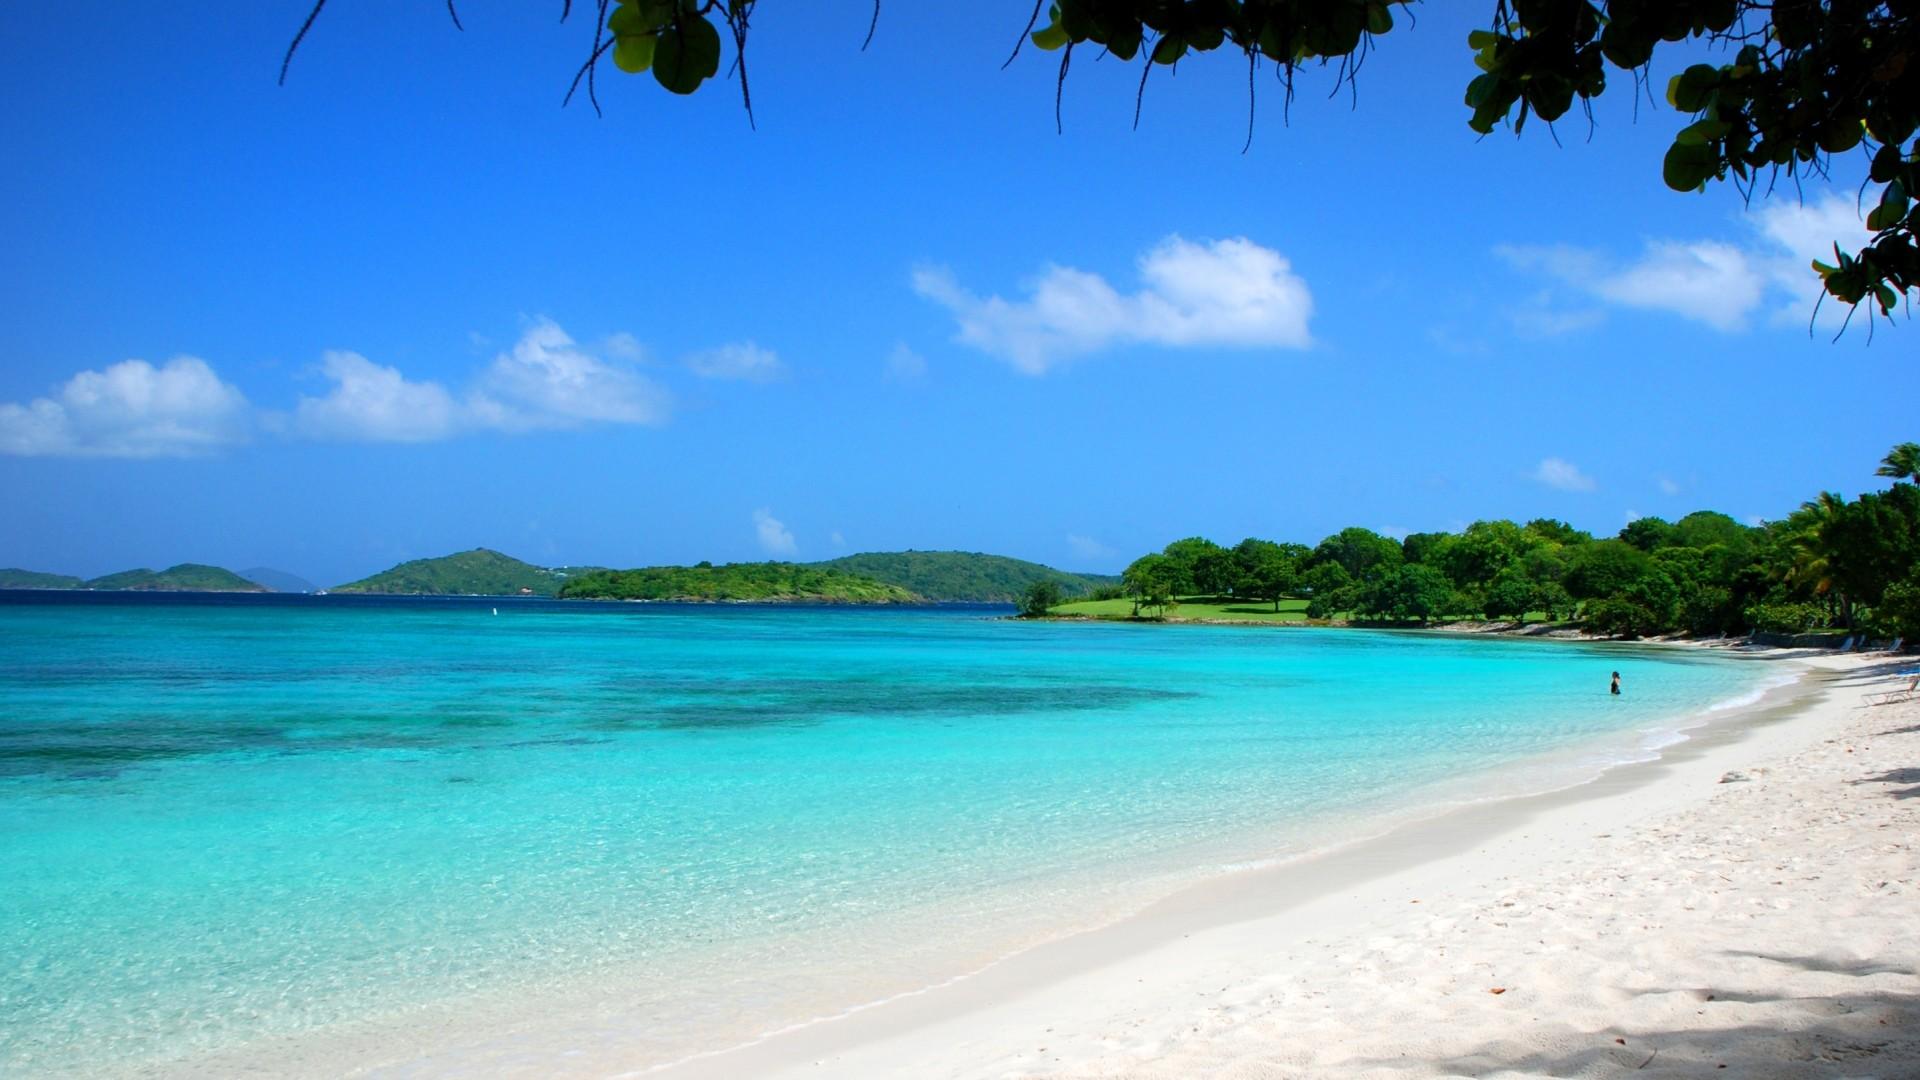 Wallpaper maldives, tropical, beach, sand, summer, palm trees